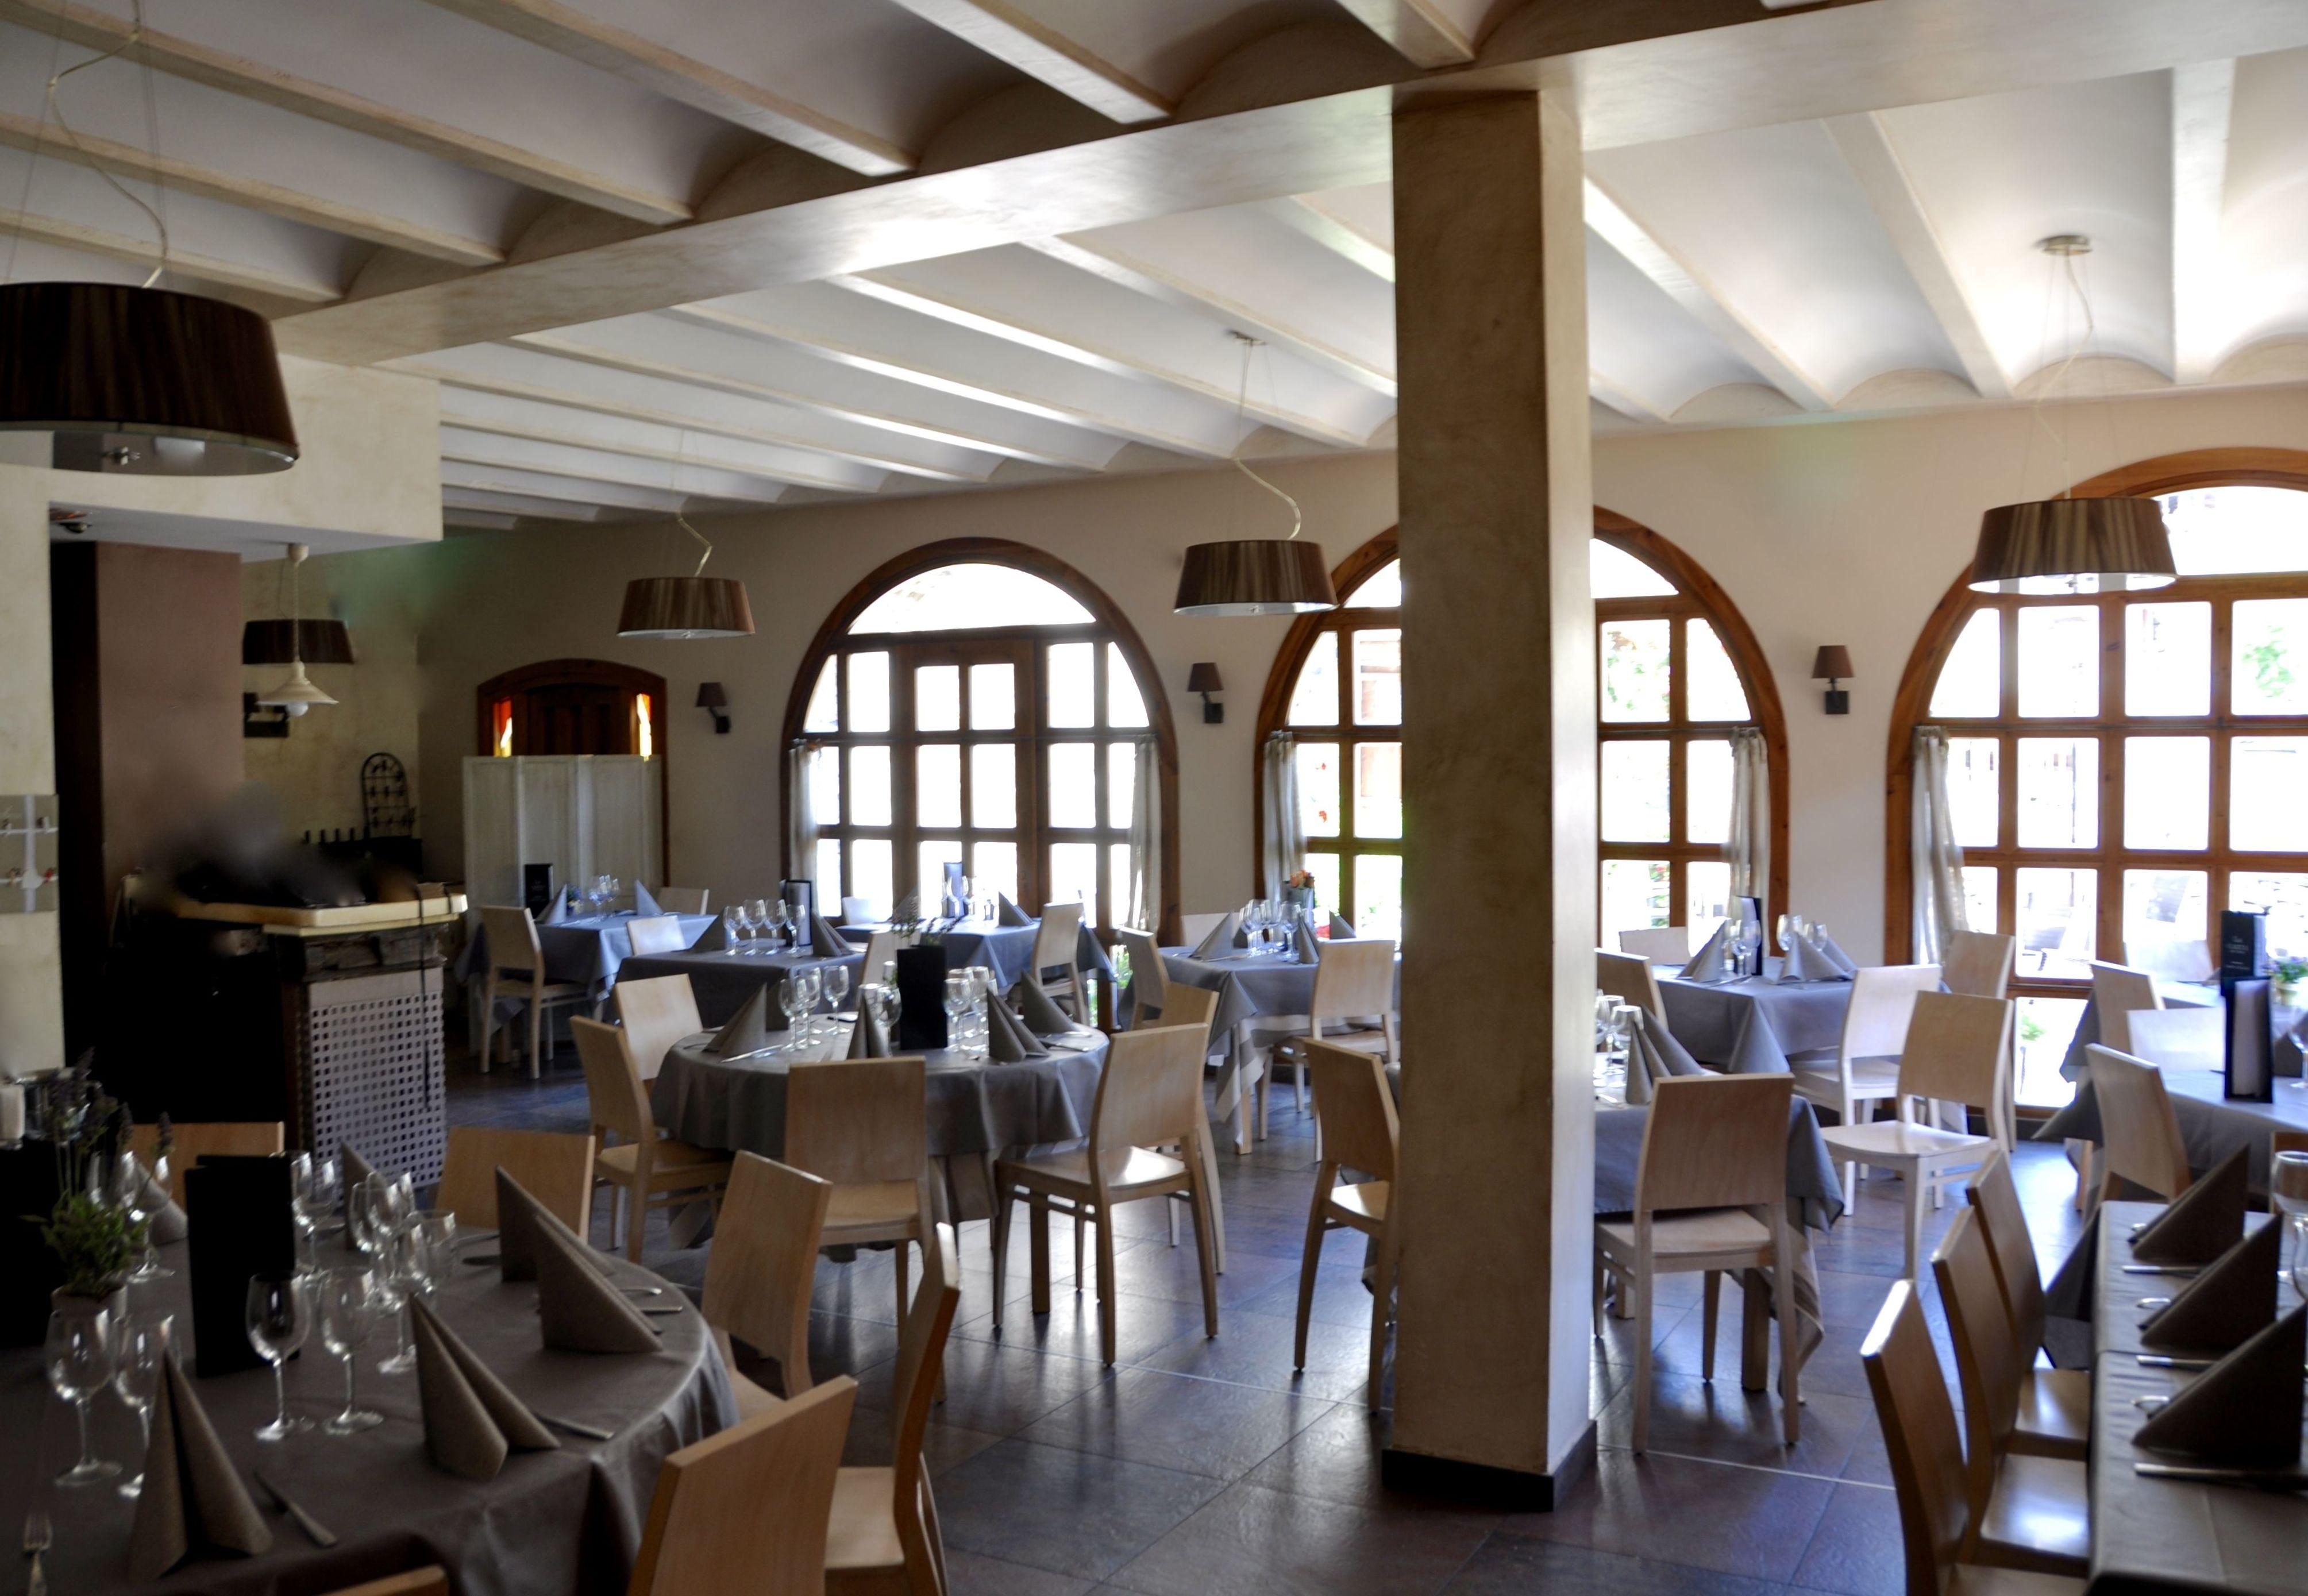 Comedor restaurante La Cocinilla.